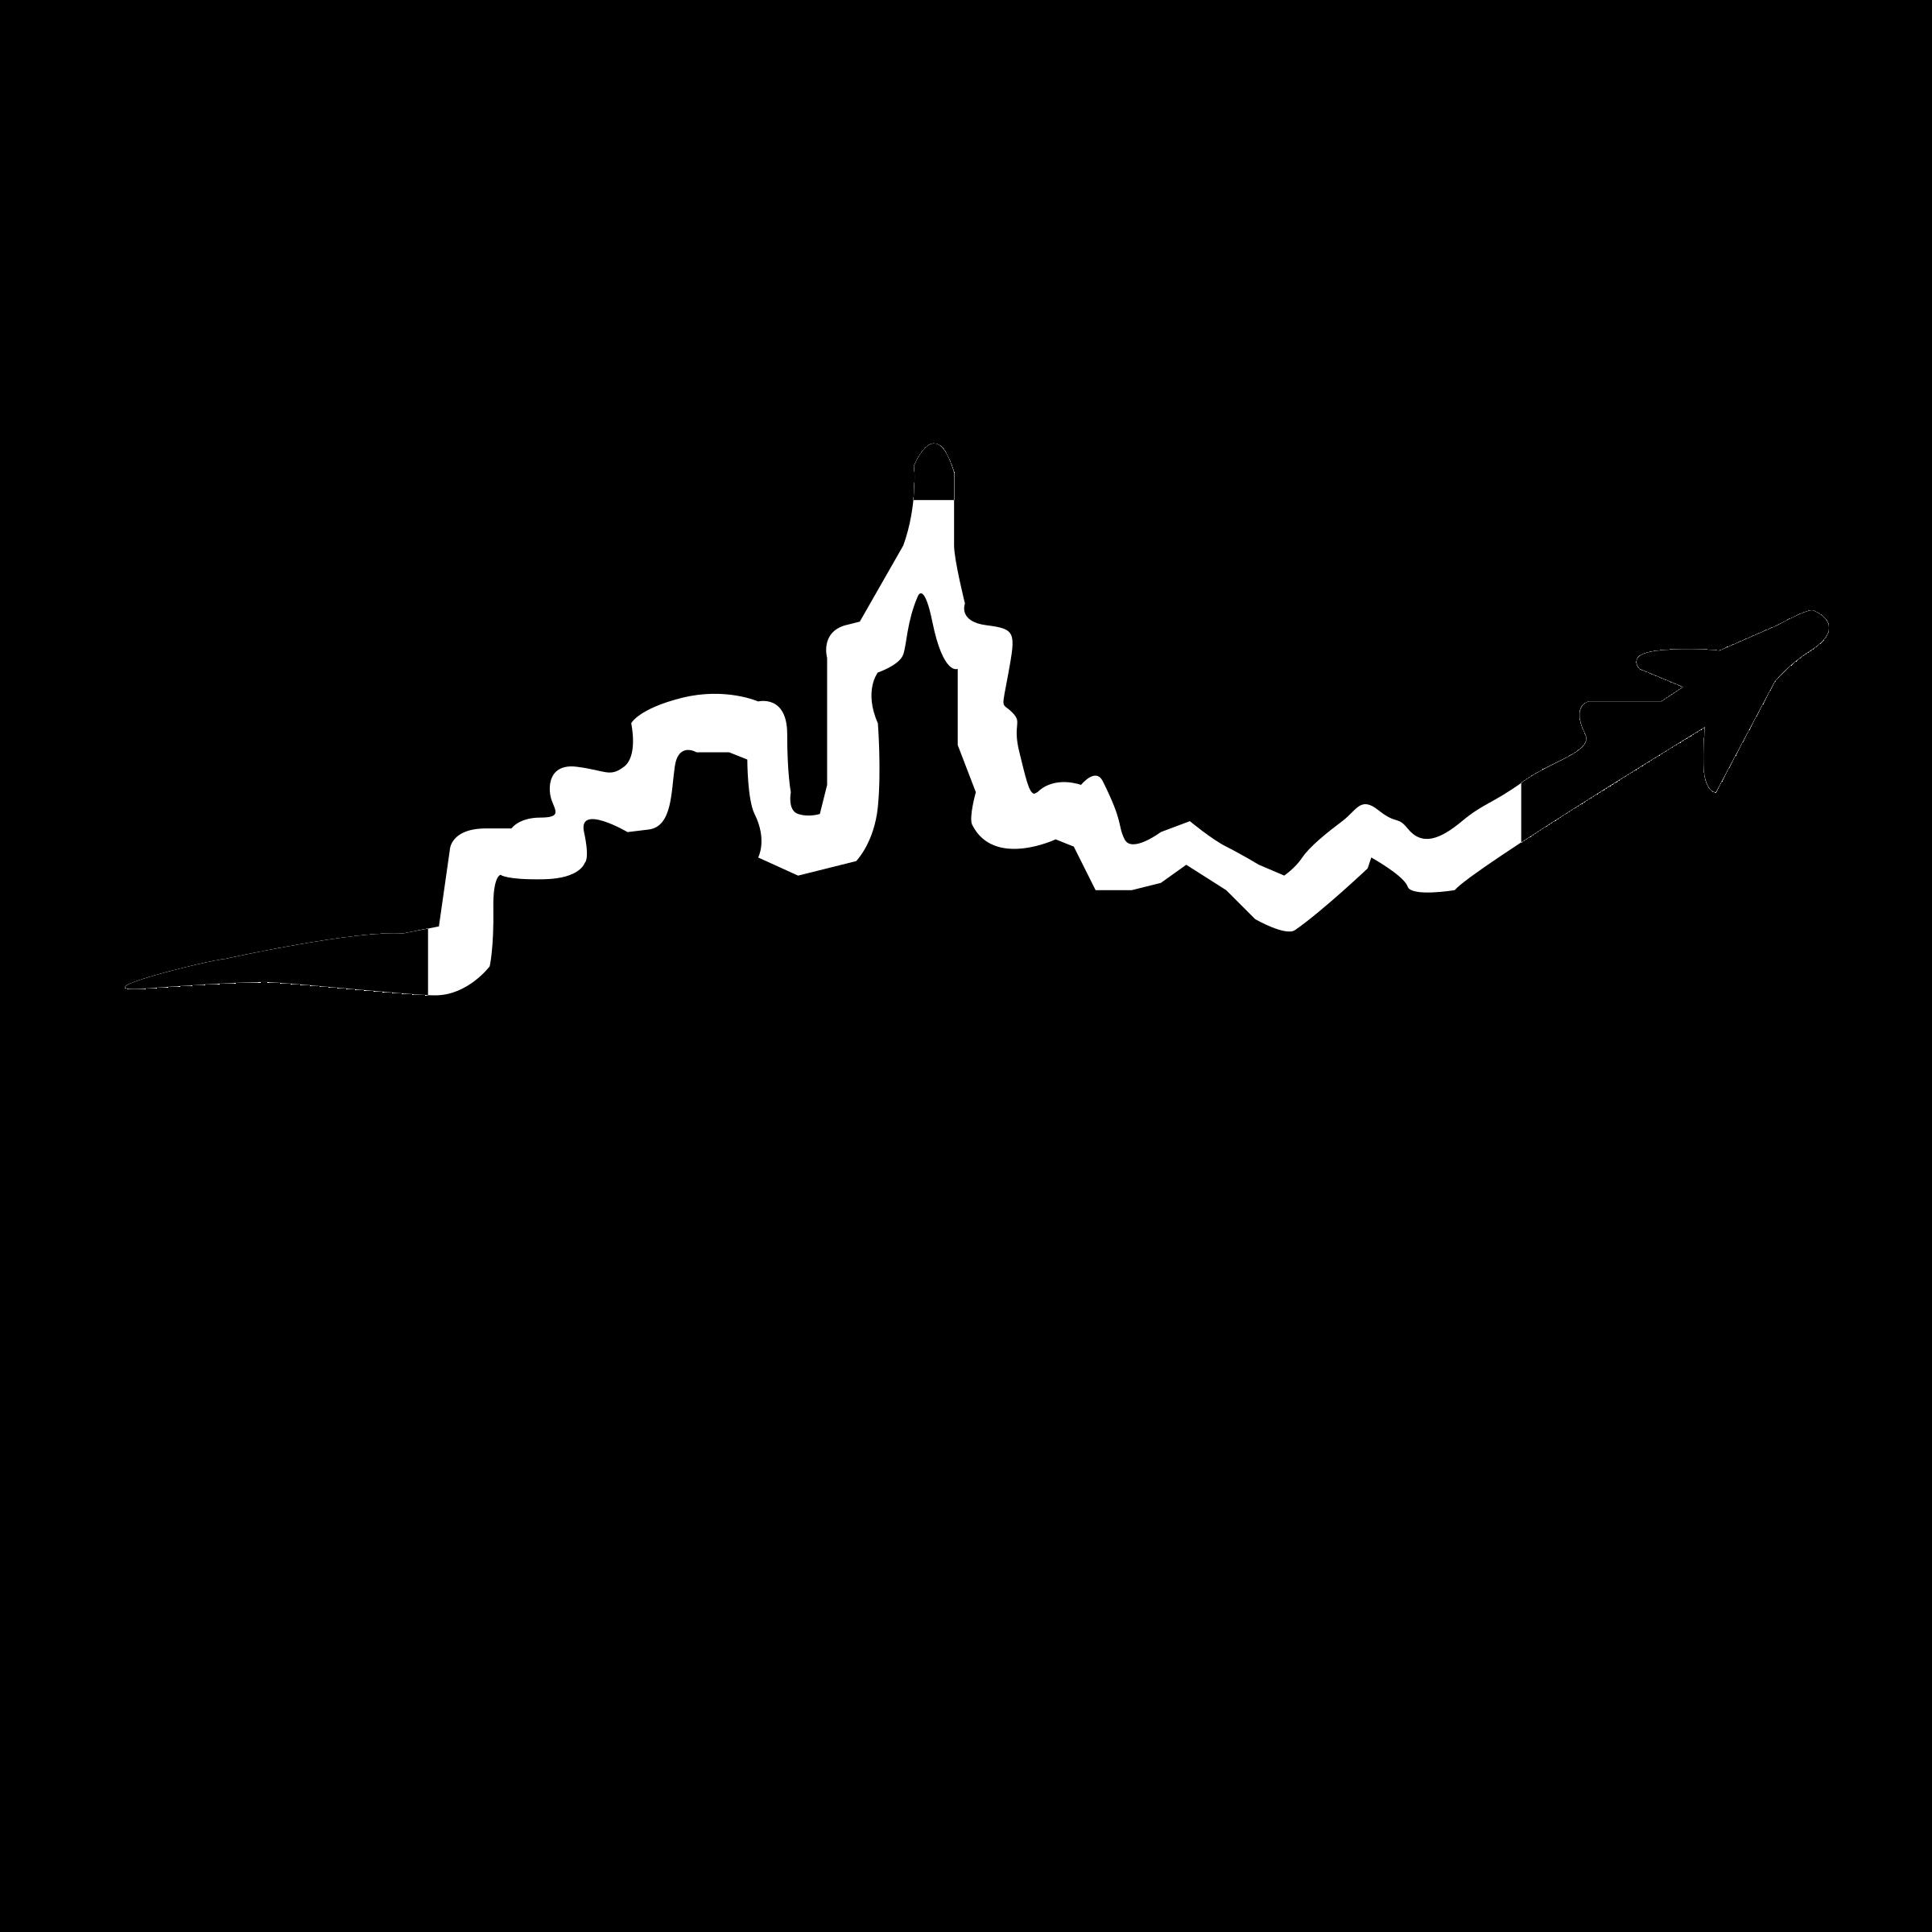 Travelocity com Logo PNG Transparent & SVG Vector.